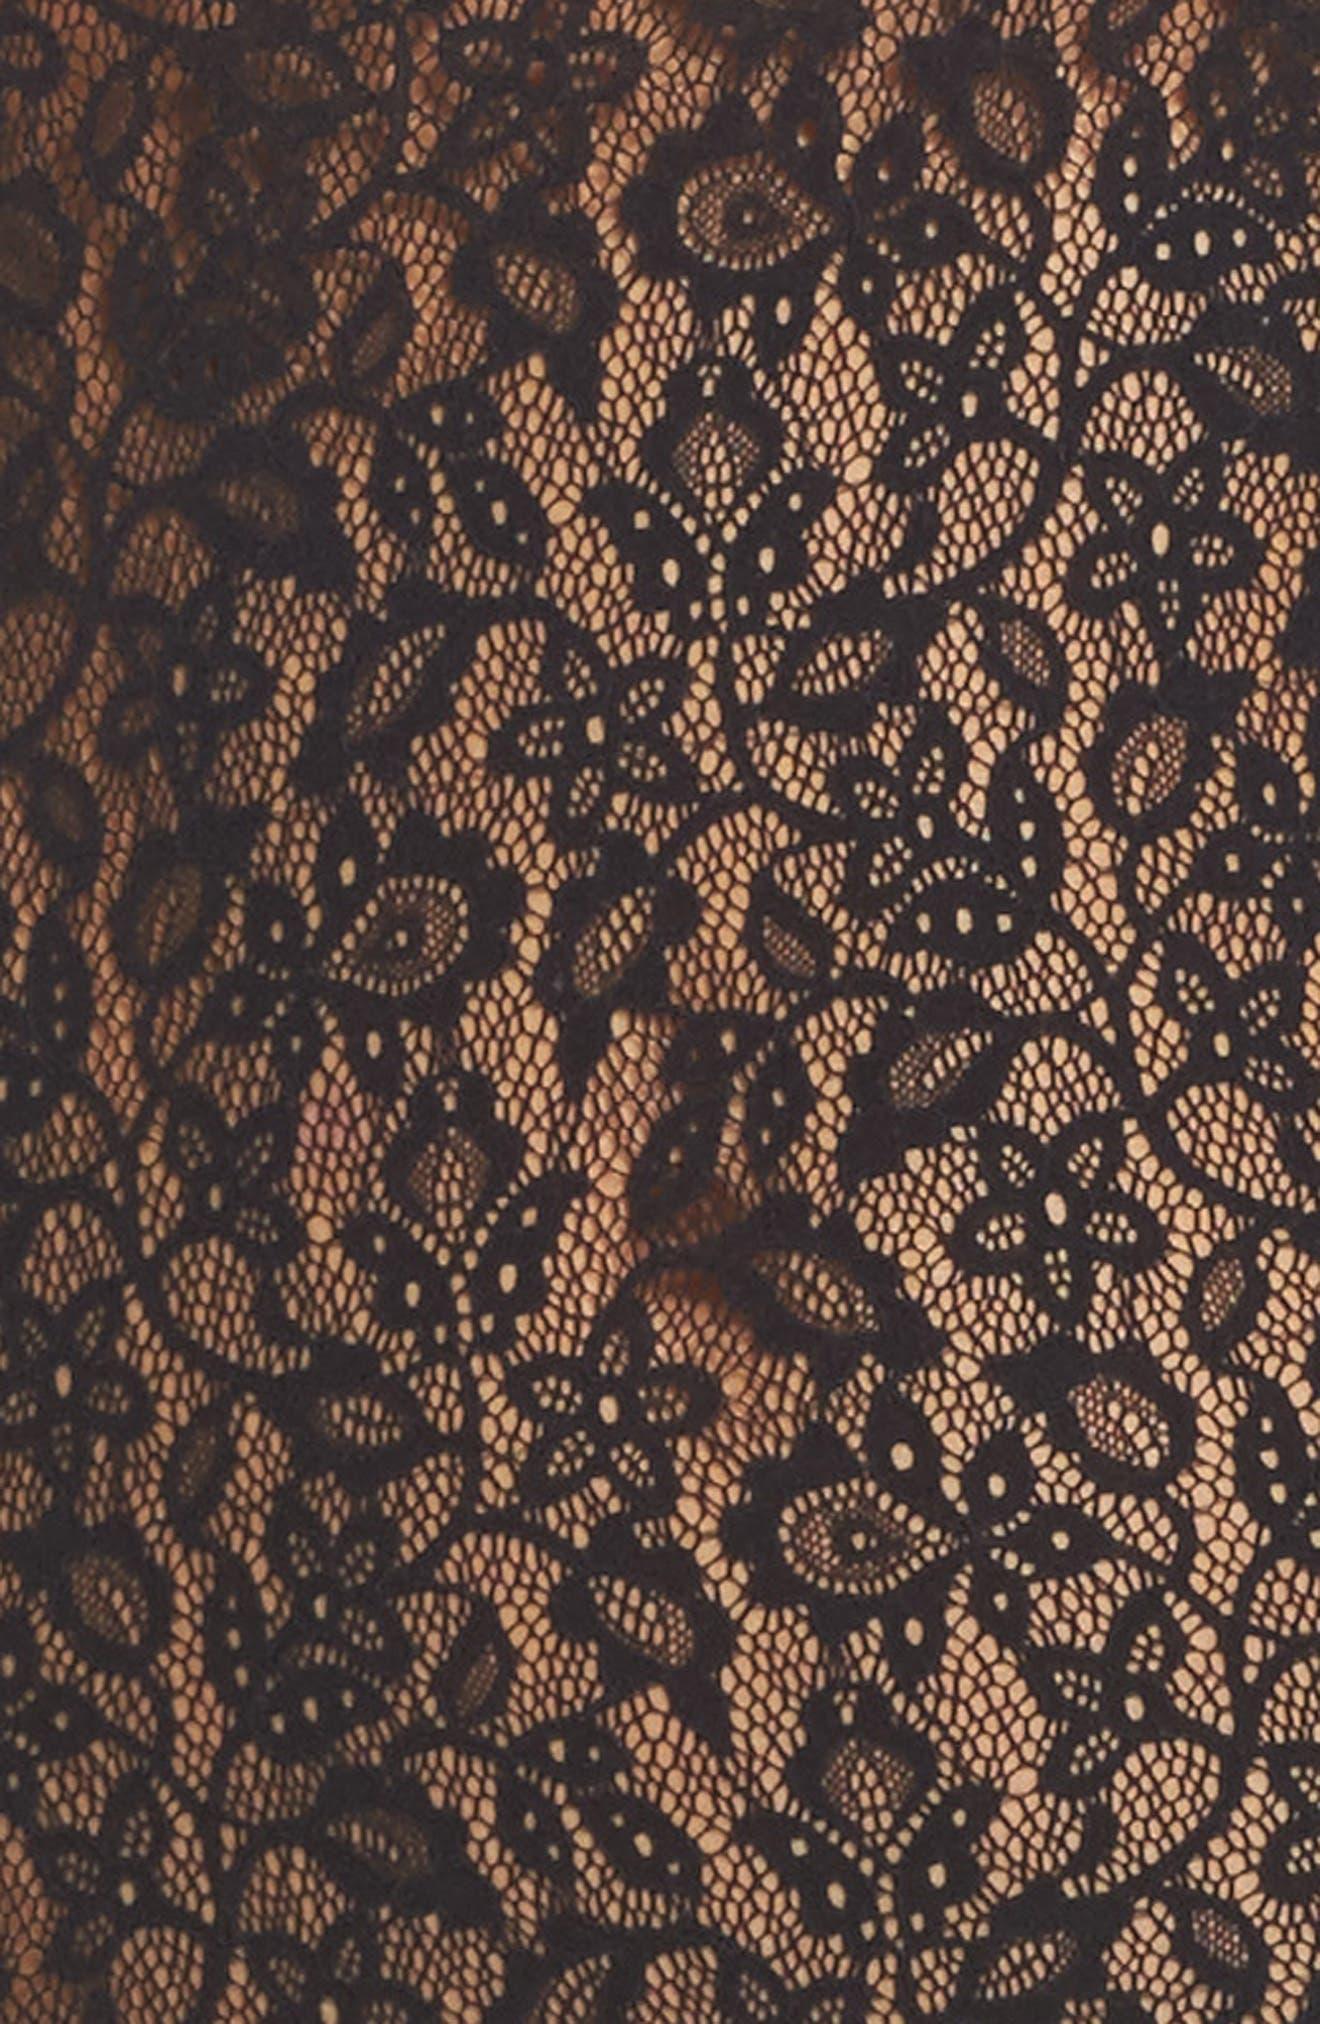 Floral Lace Bodysuit,                             Alternate thumbnail 5, color,                             001